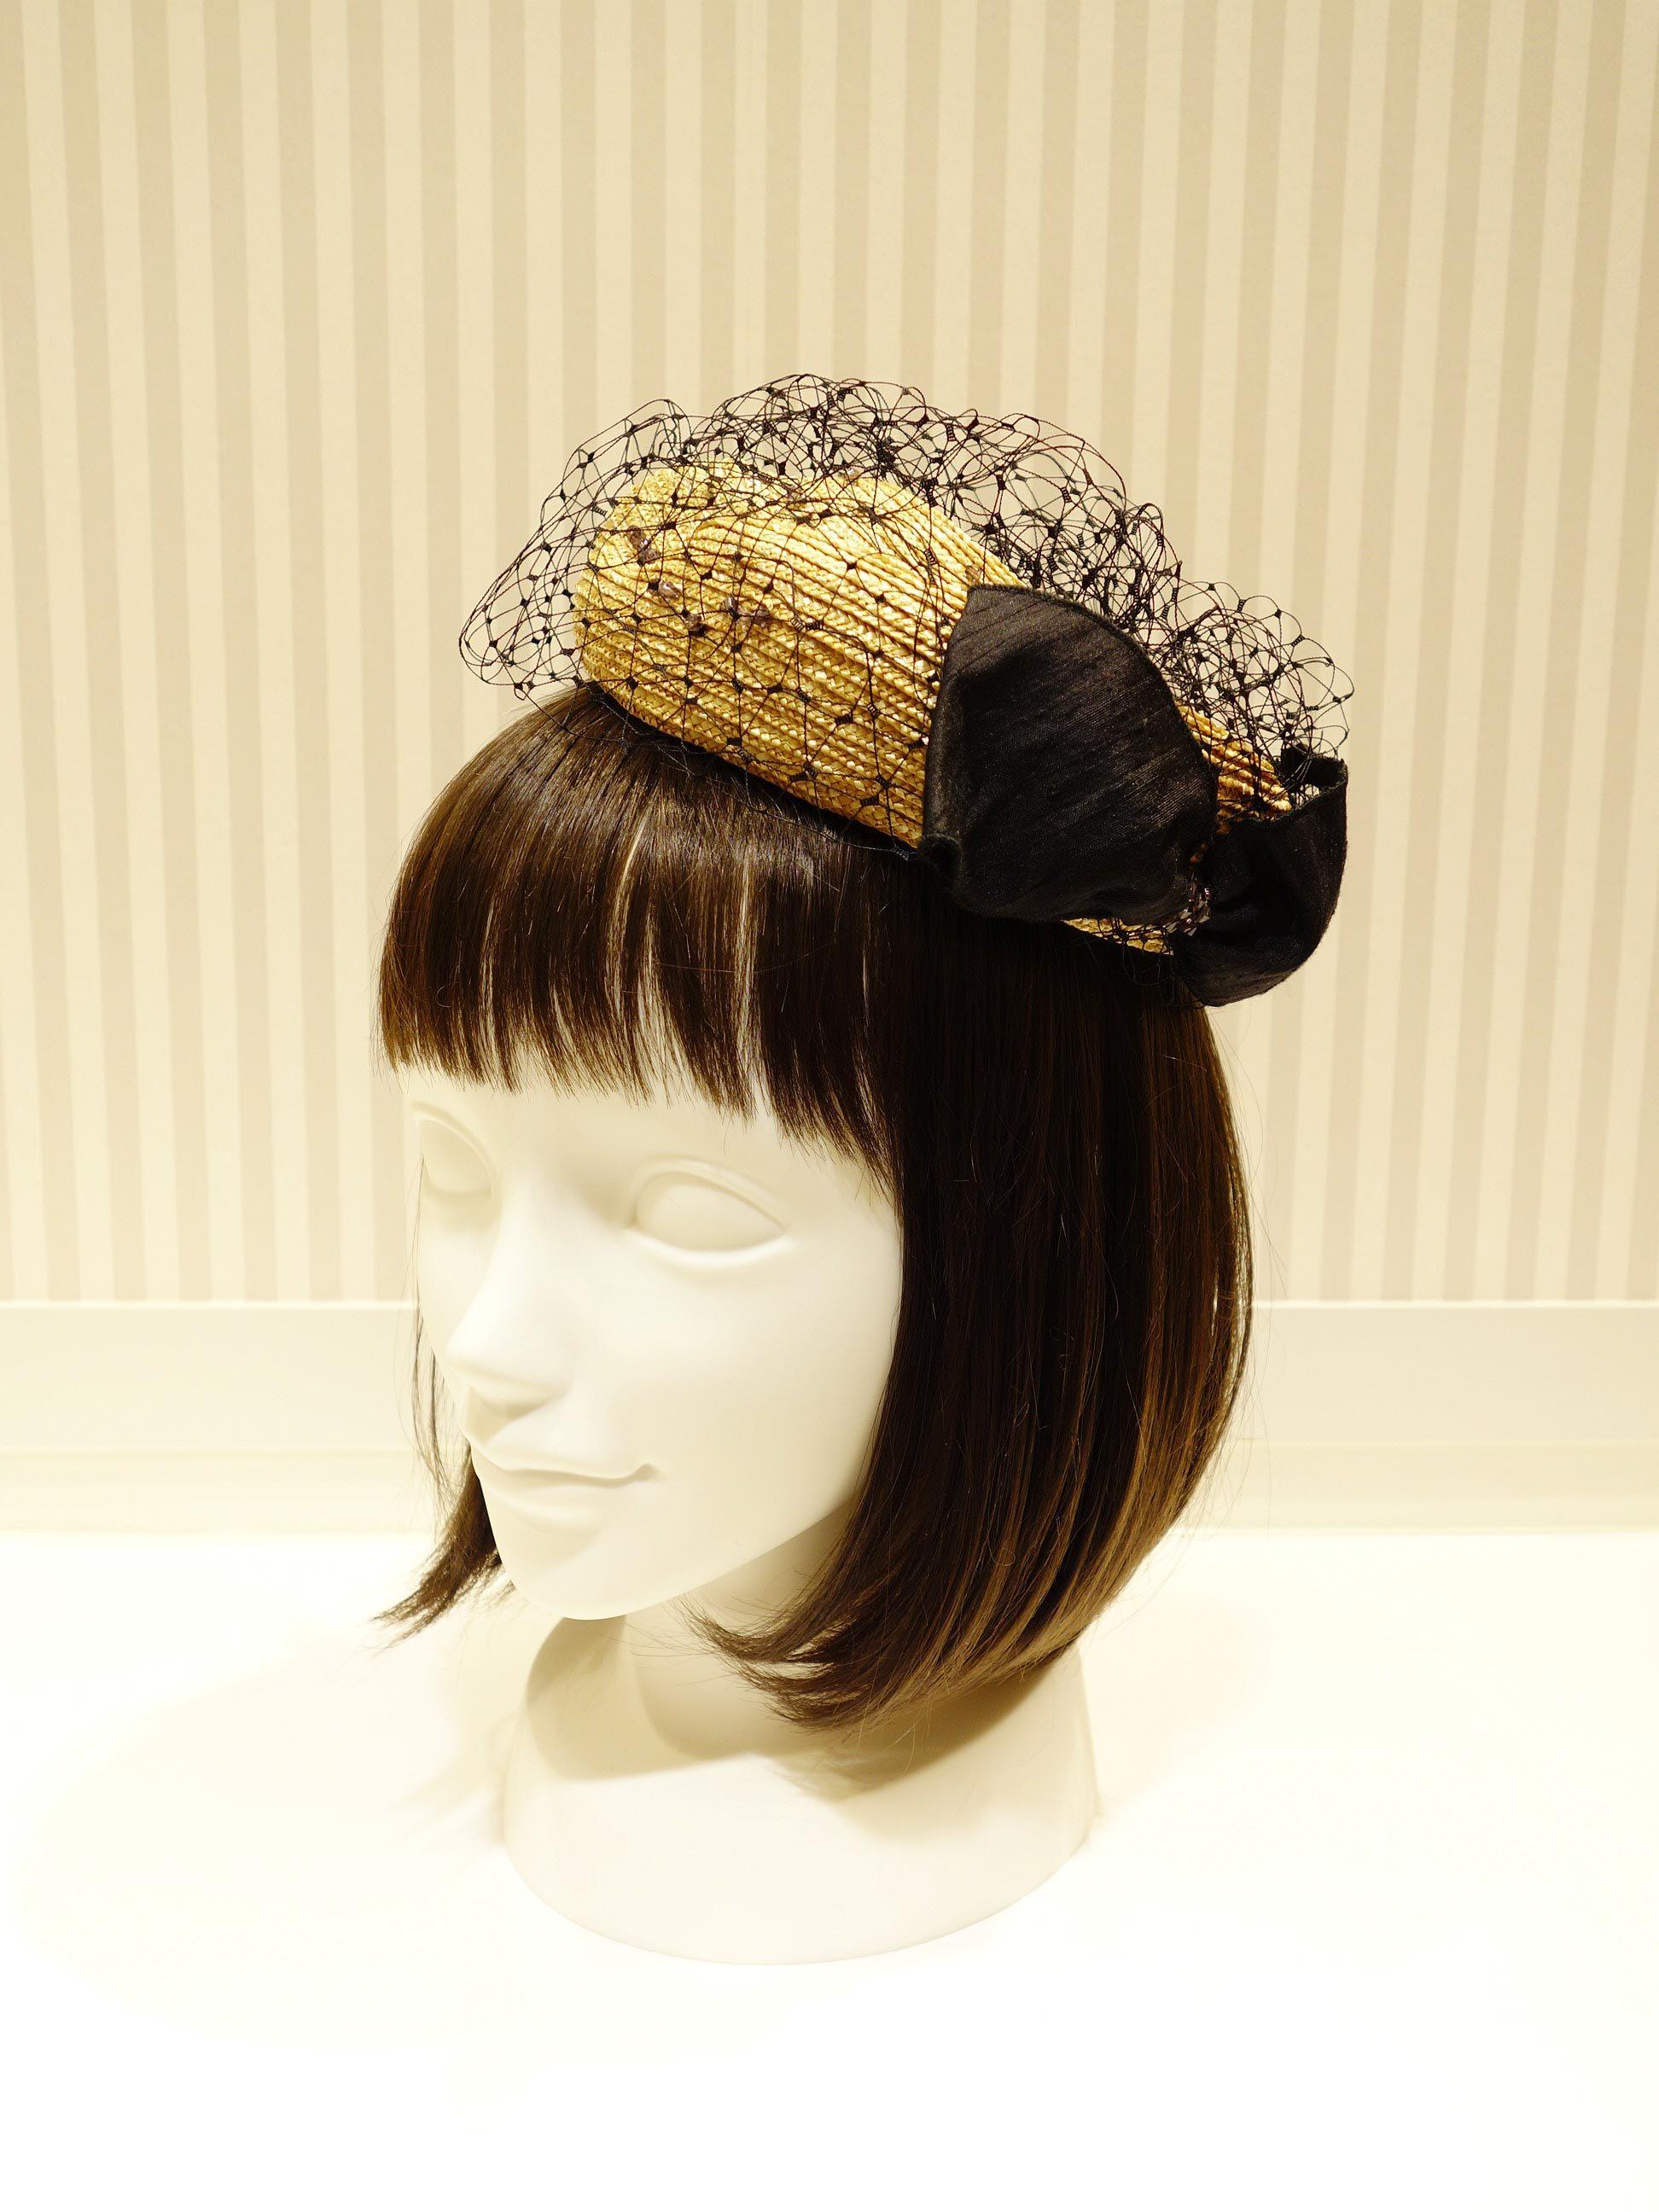 KEIKO IGATAさん帽子*新入荷しました*_e0167832_14070096.jpg